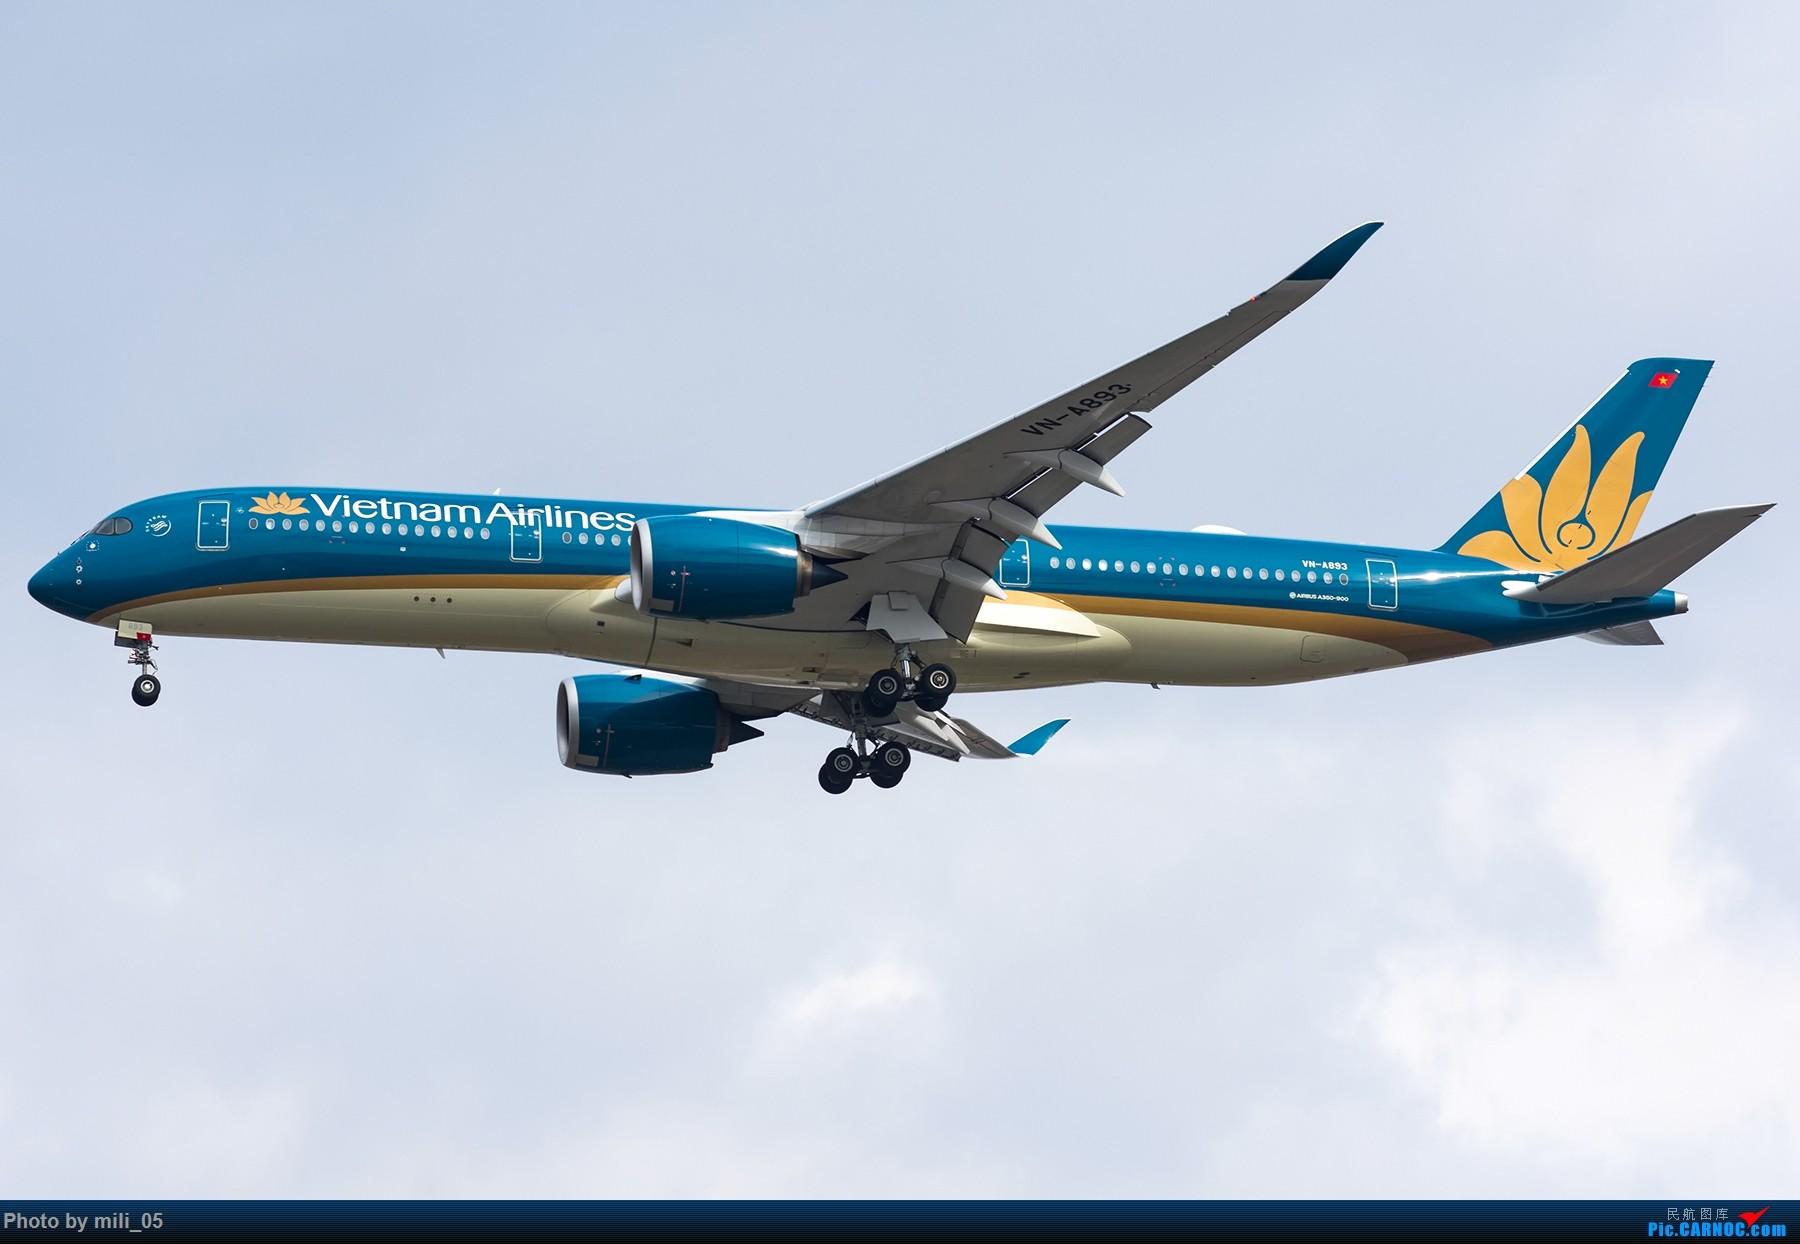 [原创][PVG] 严冬苦寒也不忘拍机,上一张A350 AIRBUS A350-900 VN-A893 中国上海浦东国际机场